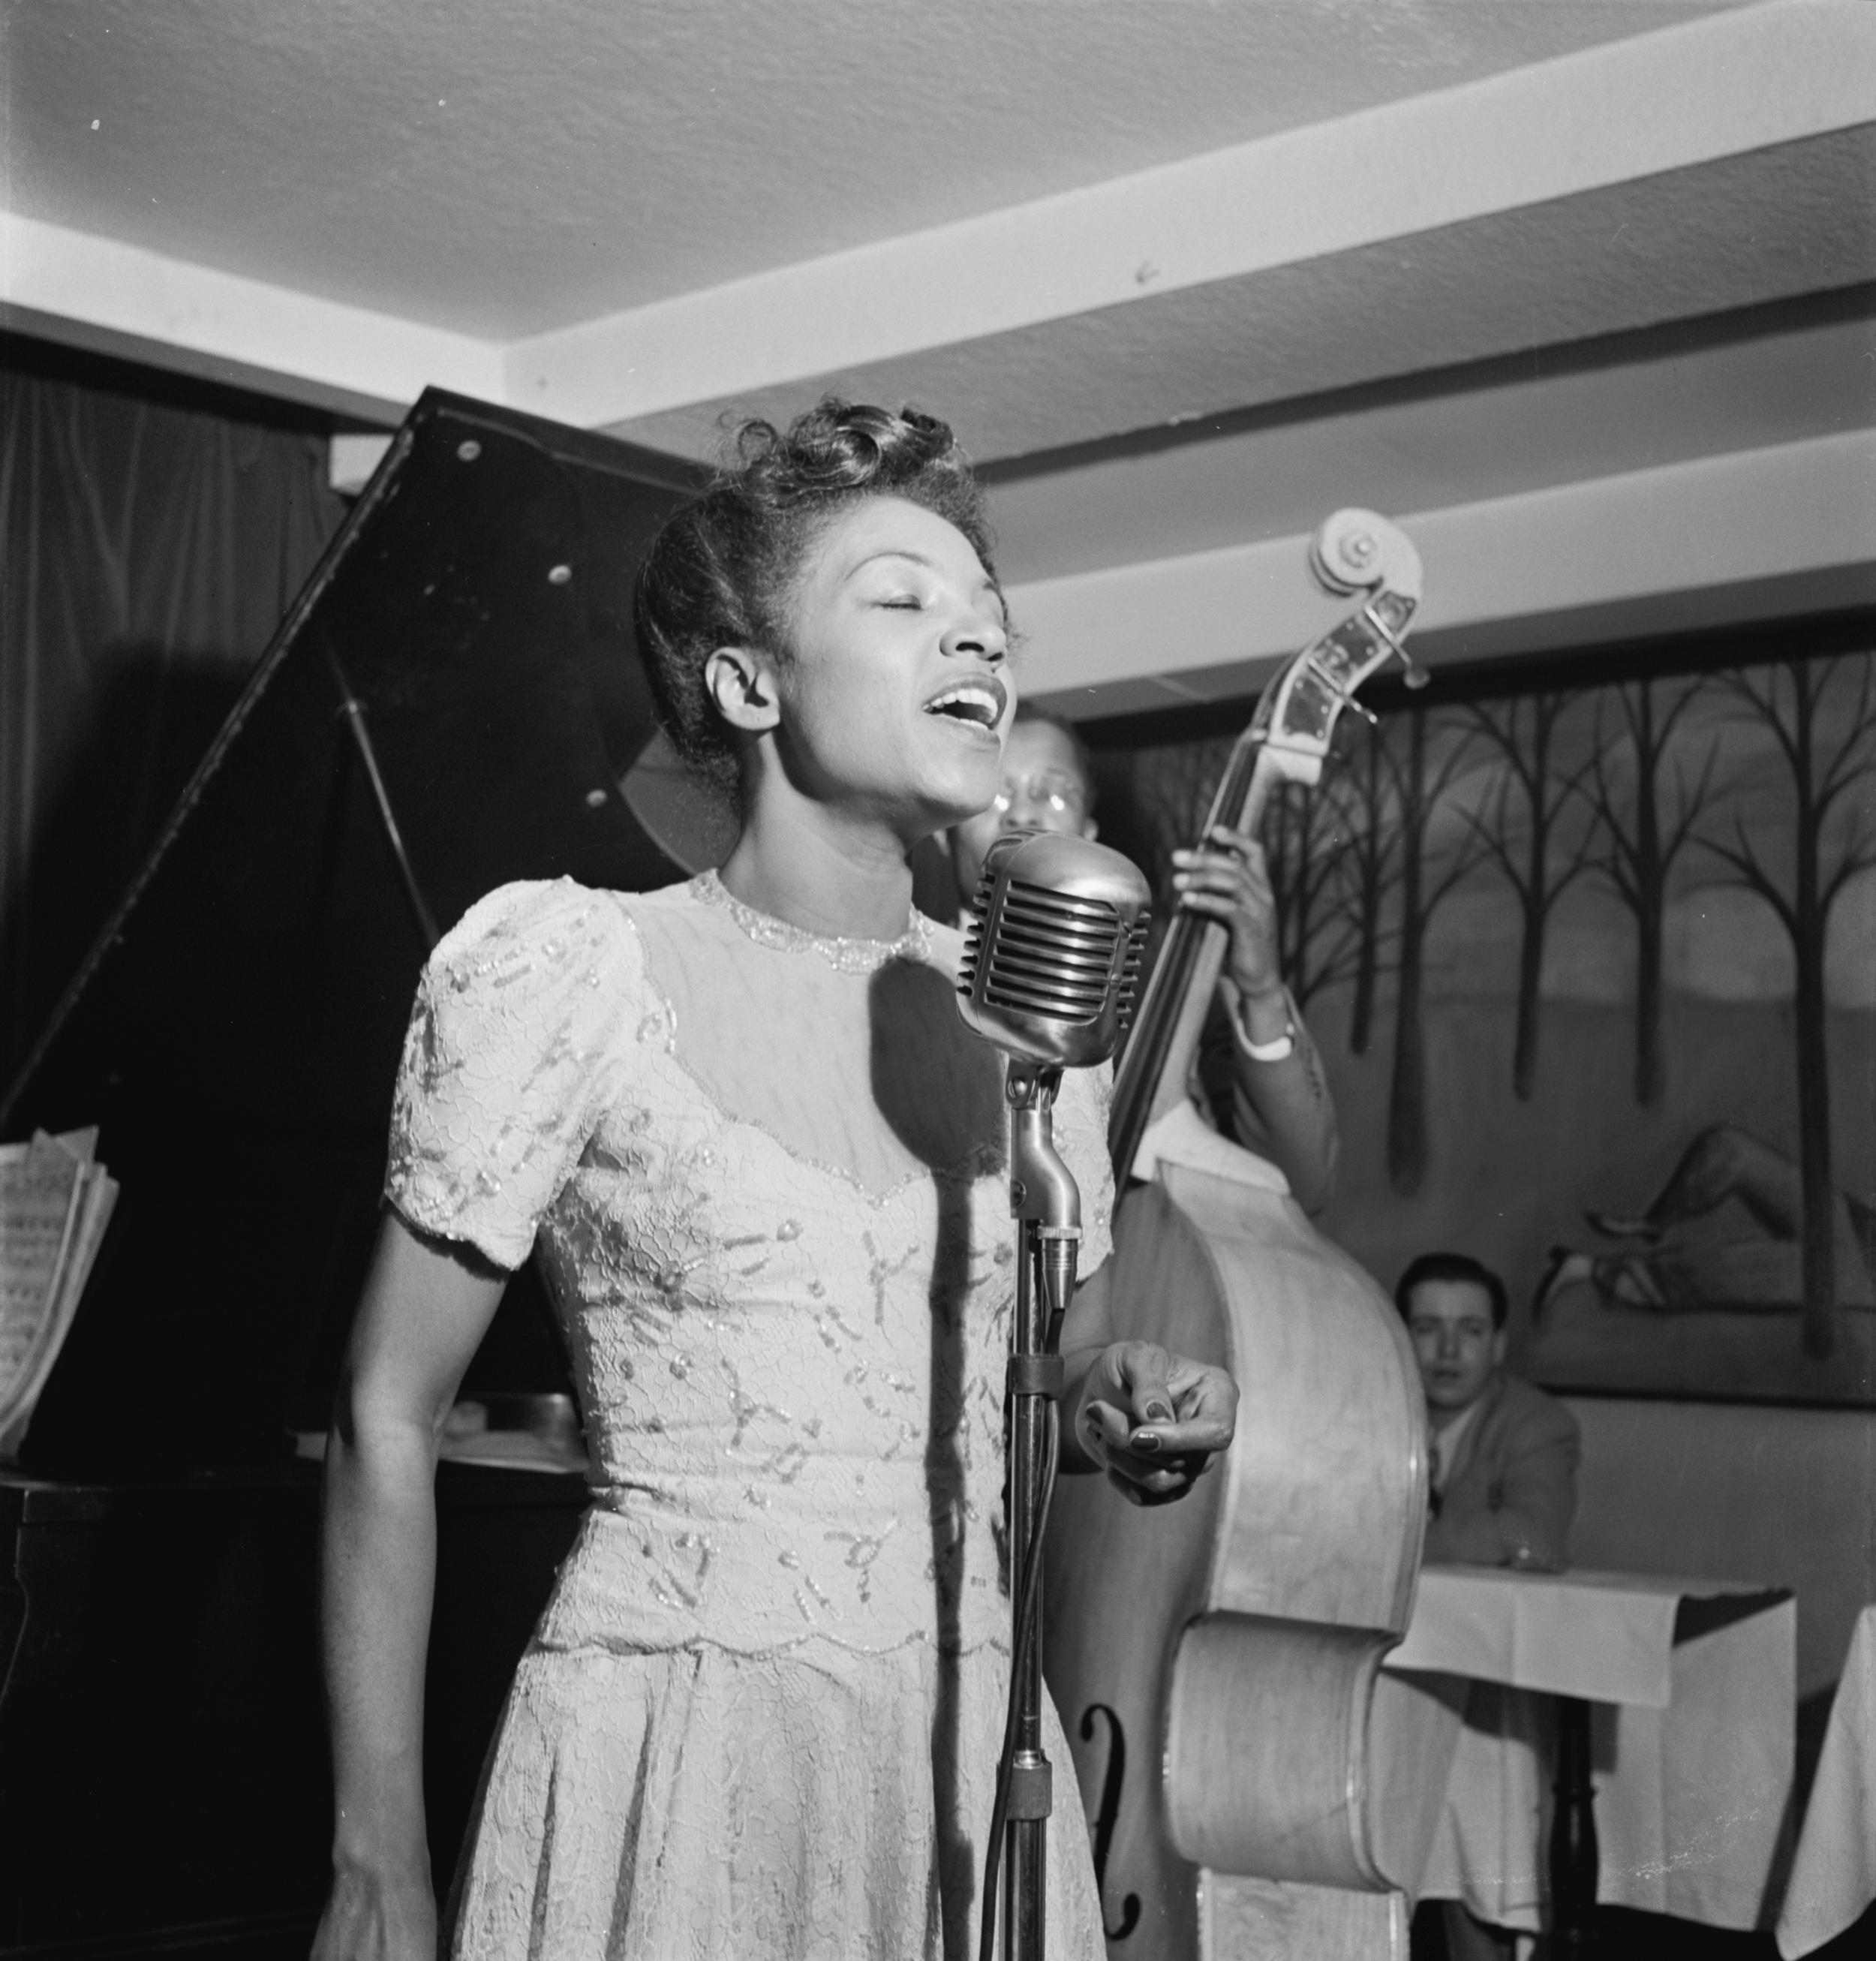 Maxine Sullivan (1947),圖片來源: Wikipedia